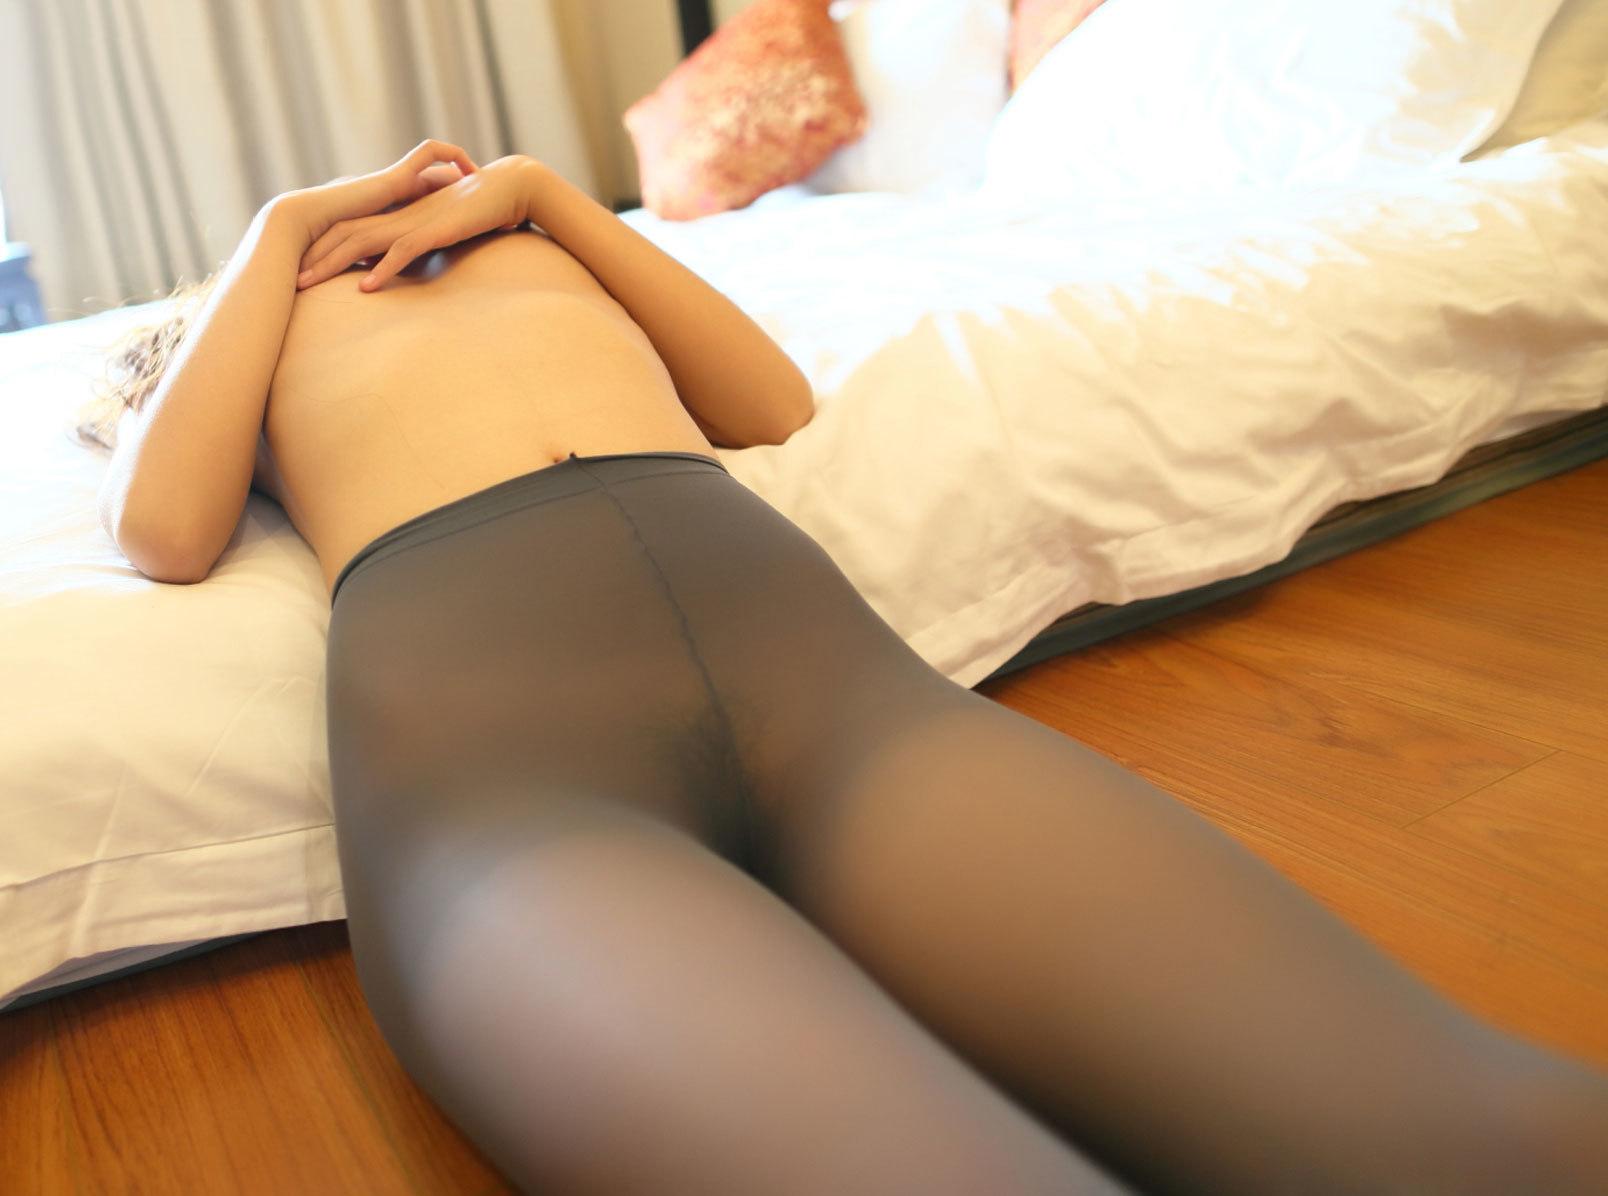 【パンストエロ画像】脱がす前にクンカクンカ確定w雌の香り詰まったパンスト下半身(;´Д`)